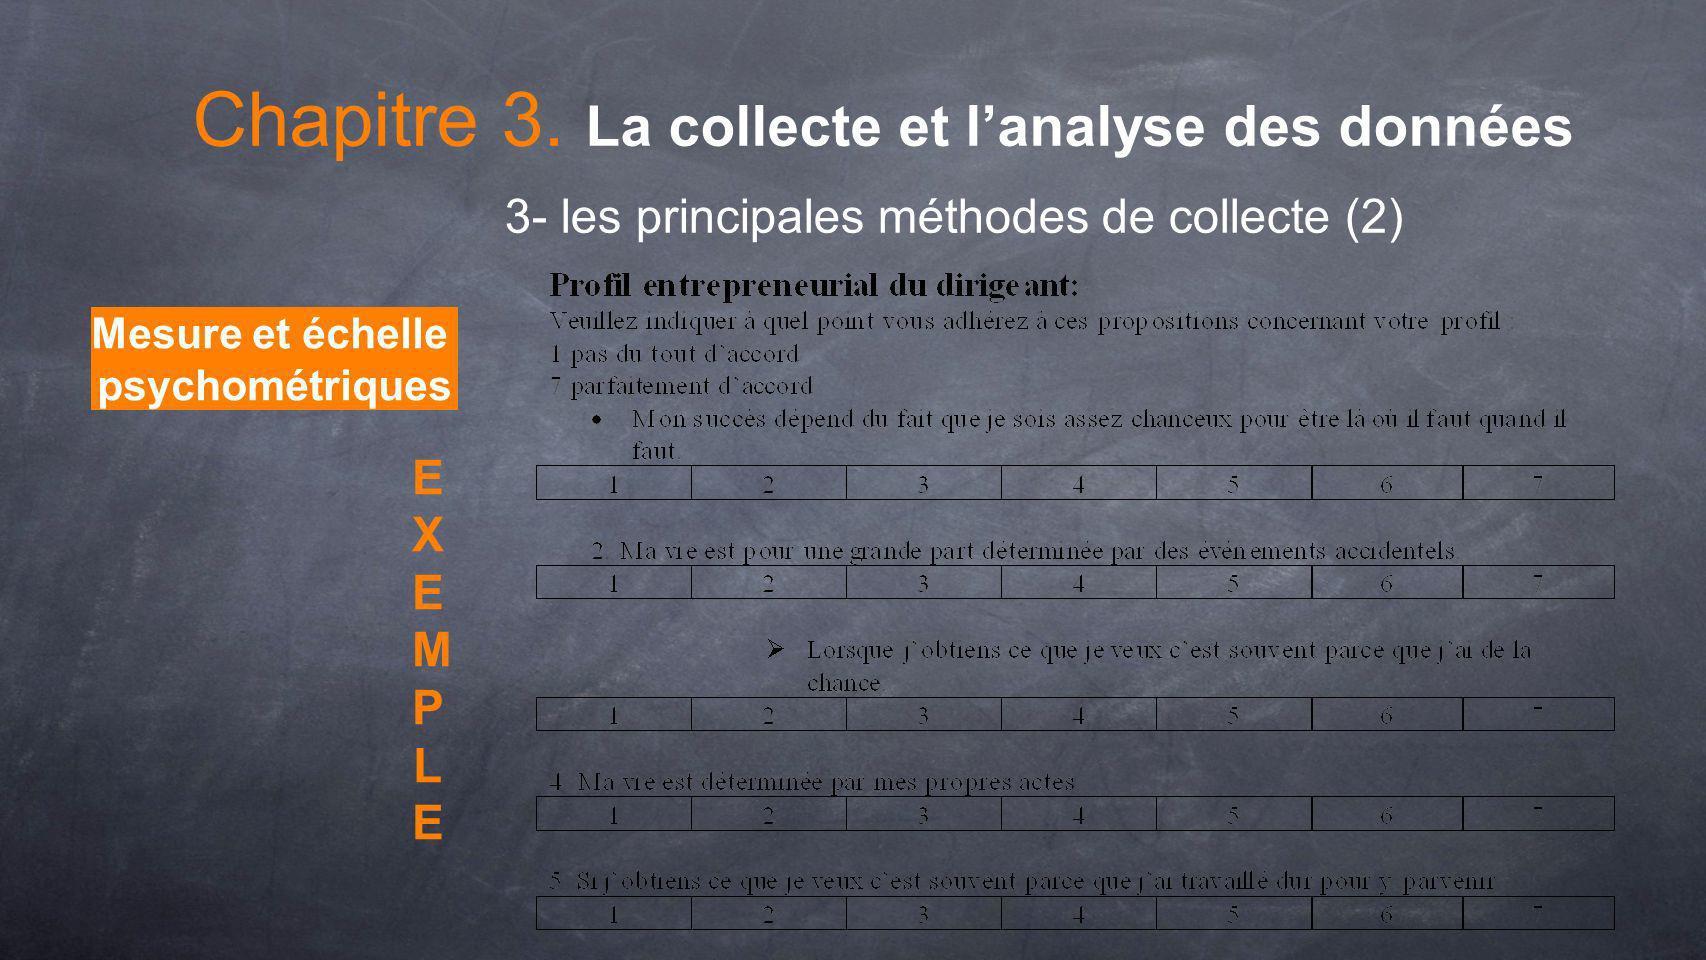 Mesure et échelle psychométriques EXEMPLEEXEMPLE 3- les principales méthodes de collecte (2) Chapitre 3. La collecte et lanalyse des données